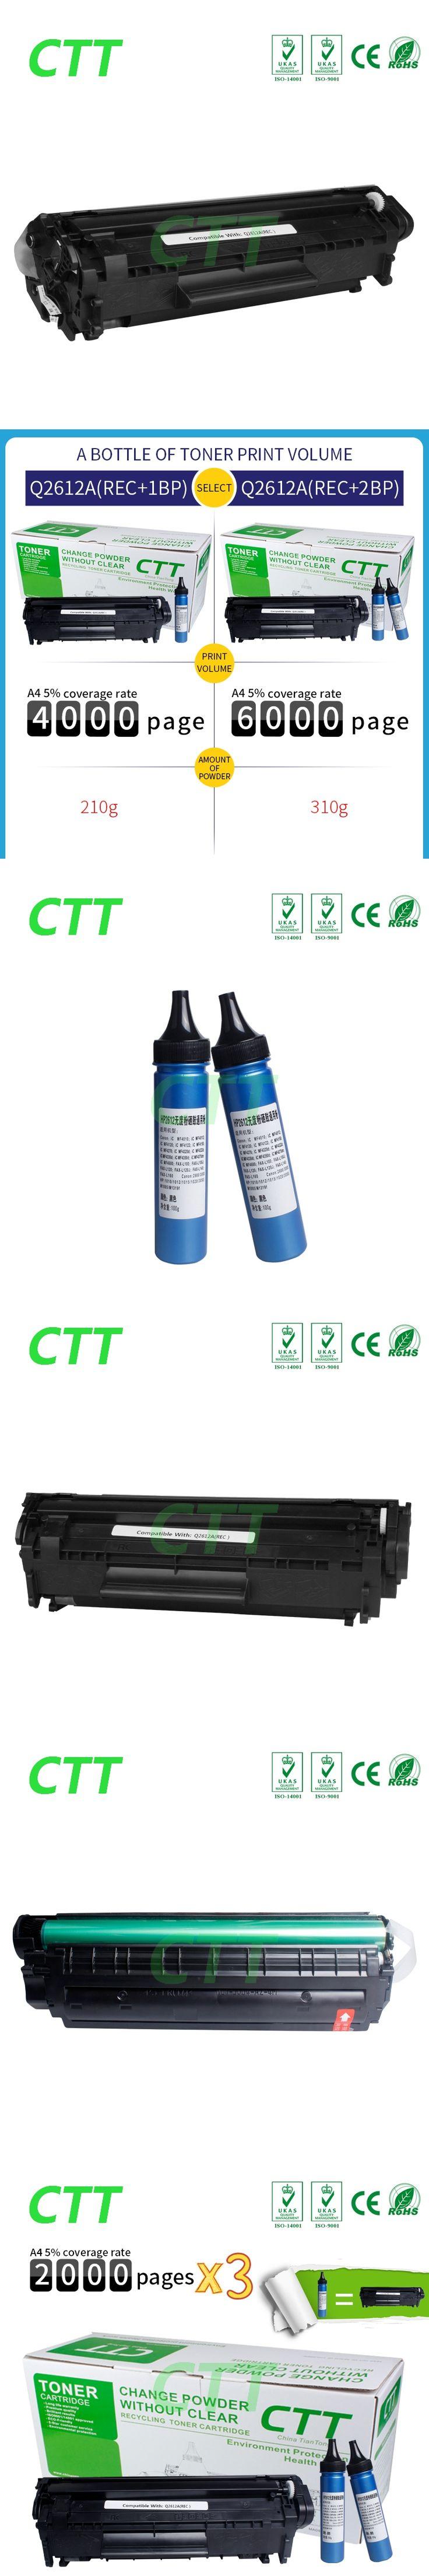 1 set Compatible Q2612A toner cartridge(REC+2BP) for hp laserjet 1010/1012/1015/1018/1020/1022/1022N/1022NW/3015/3020/3030